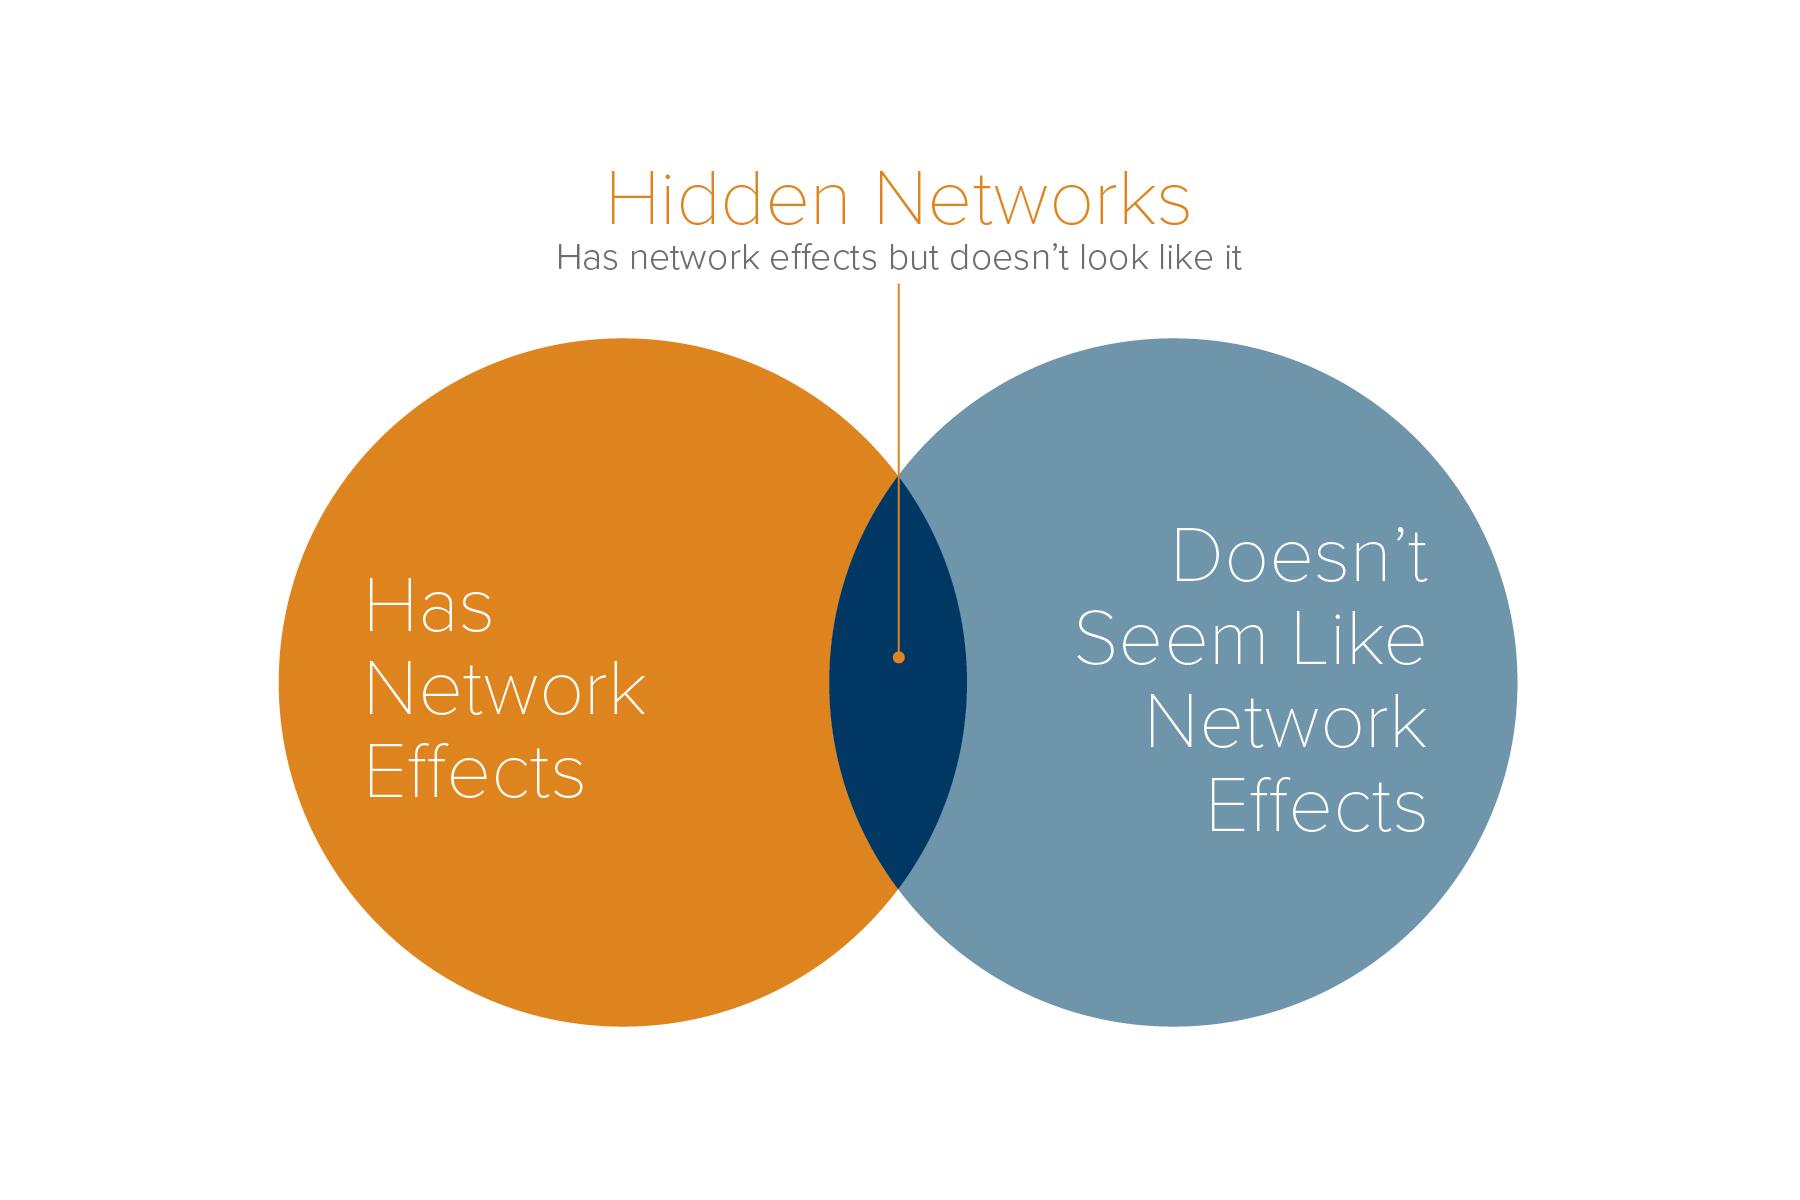 Hidden networks